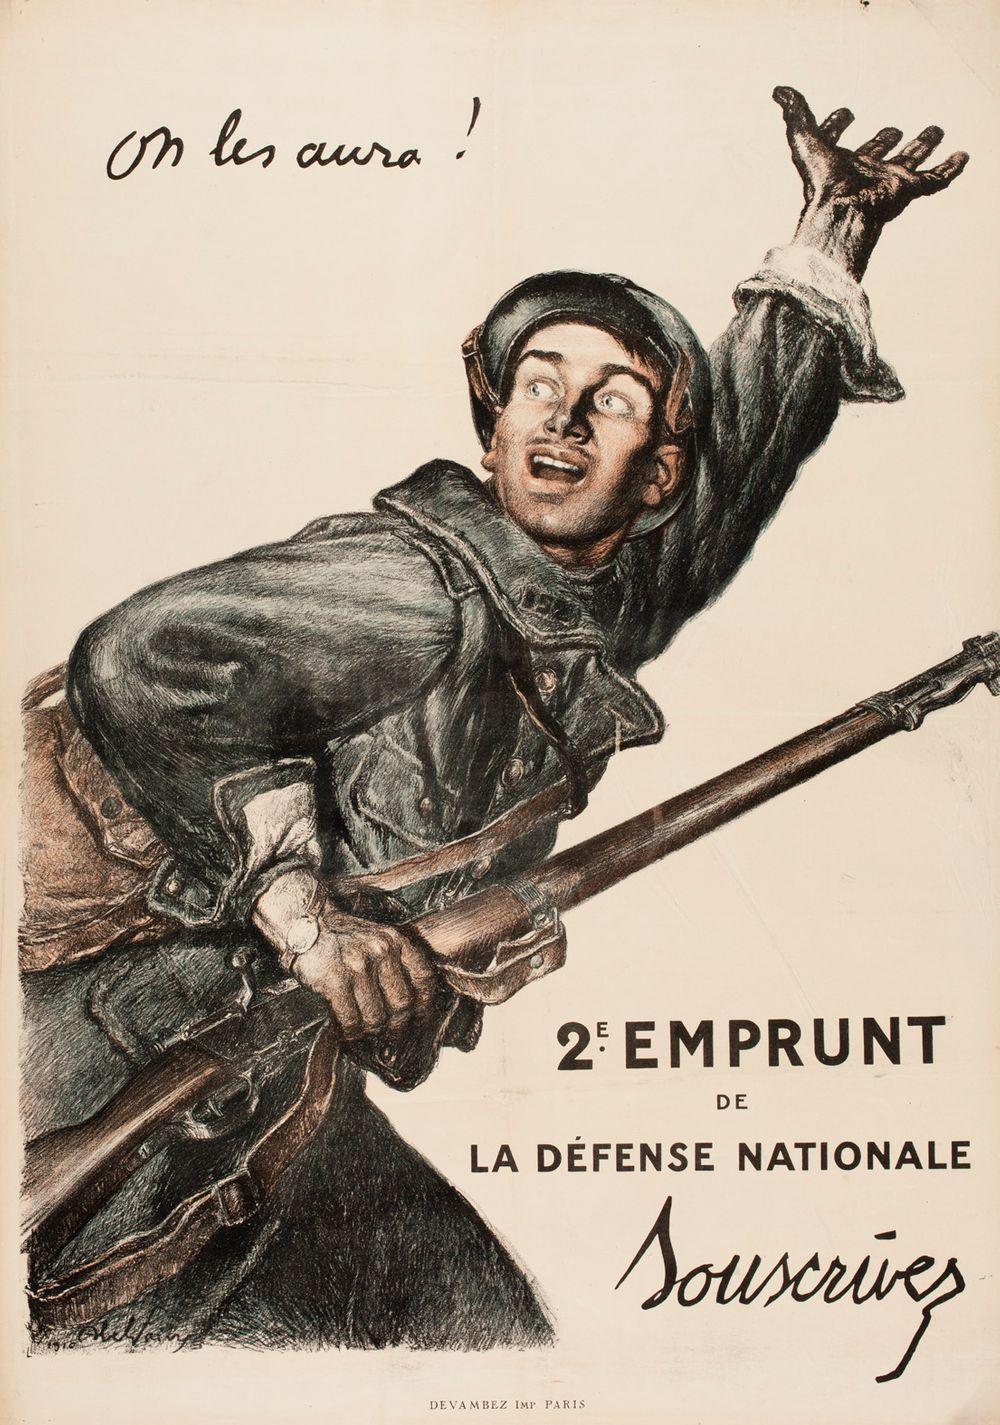 On les aura! 2e Emprunt de la Défense Nationale (juliste)